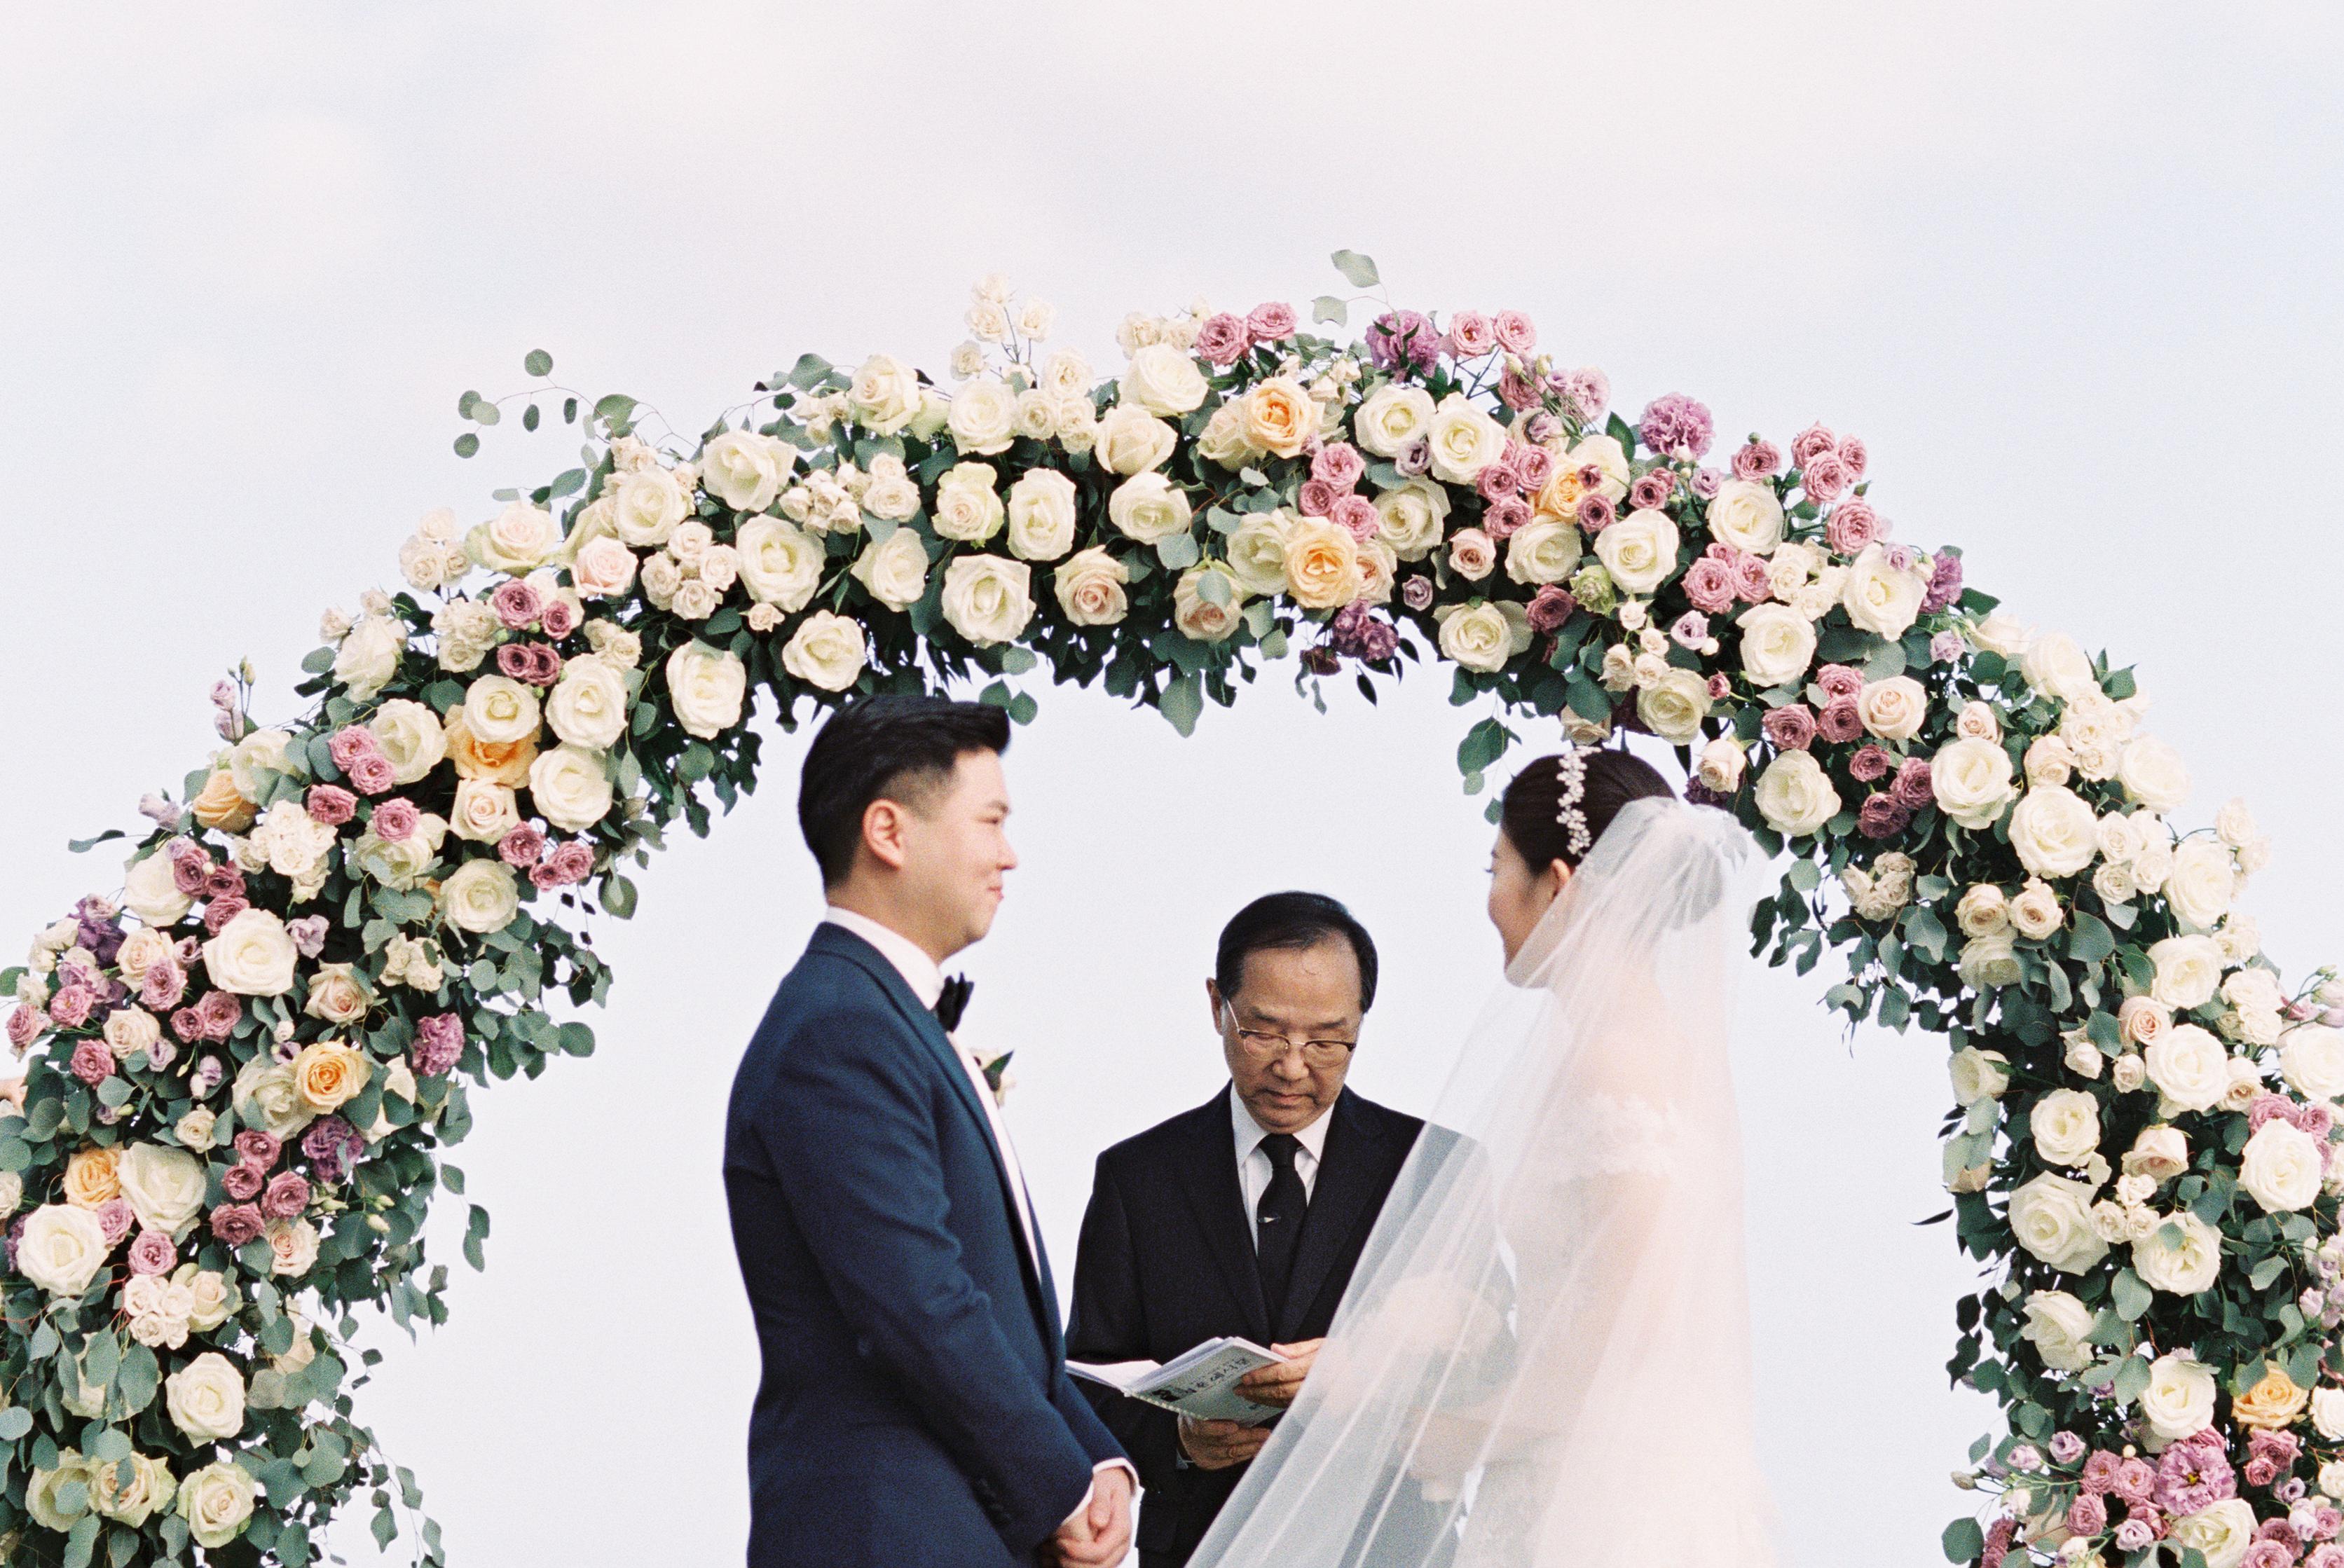 Custom Floral Arch